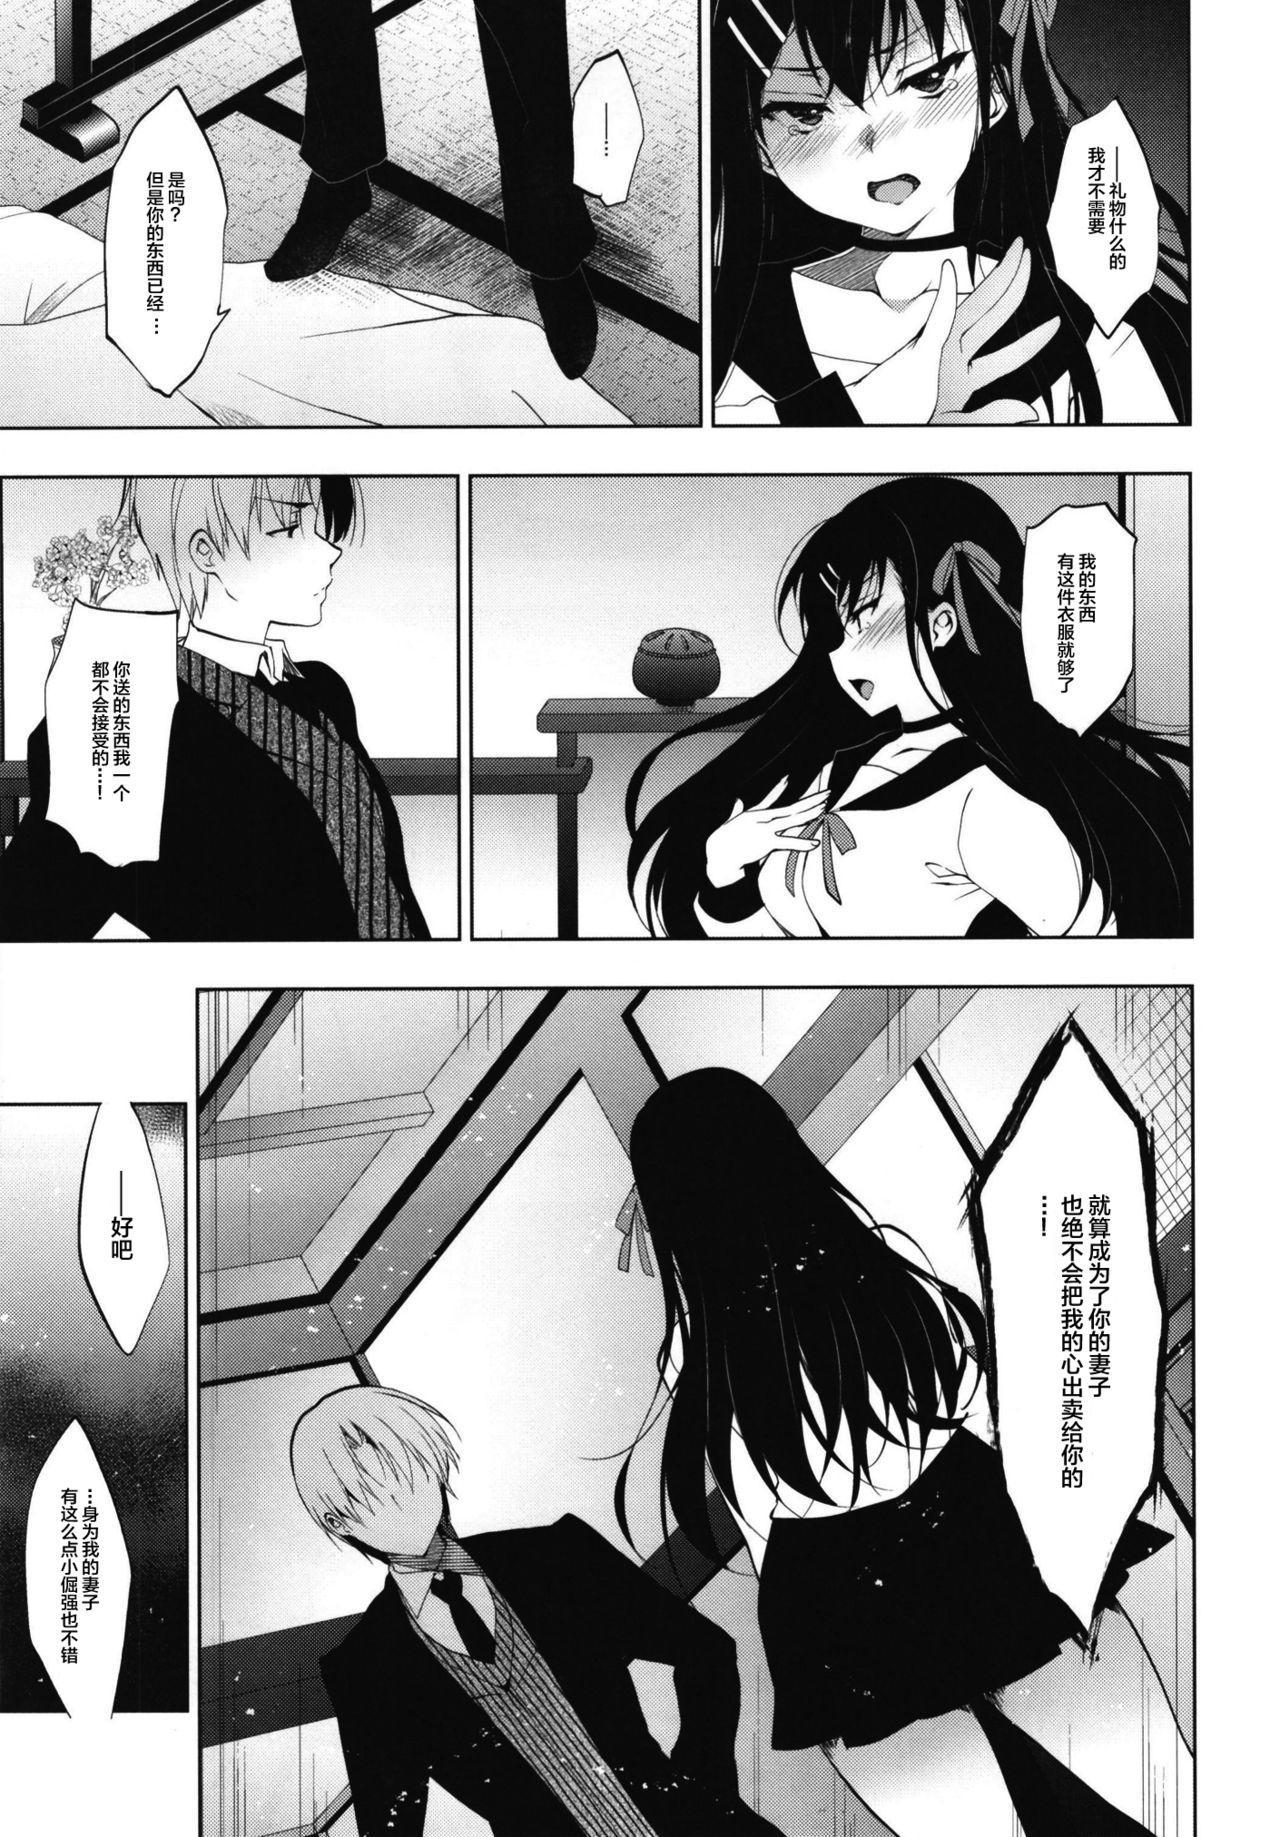 Hanayome Seifuku 7